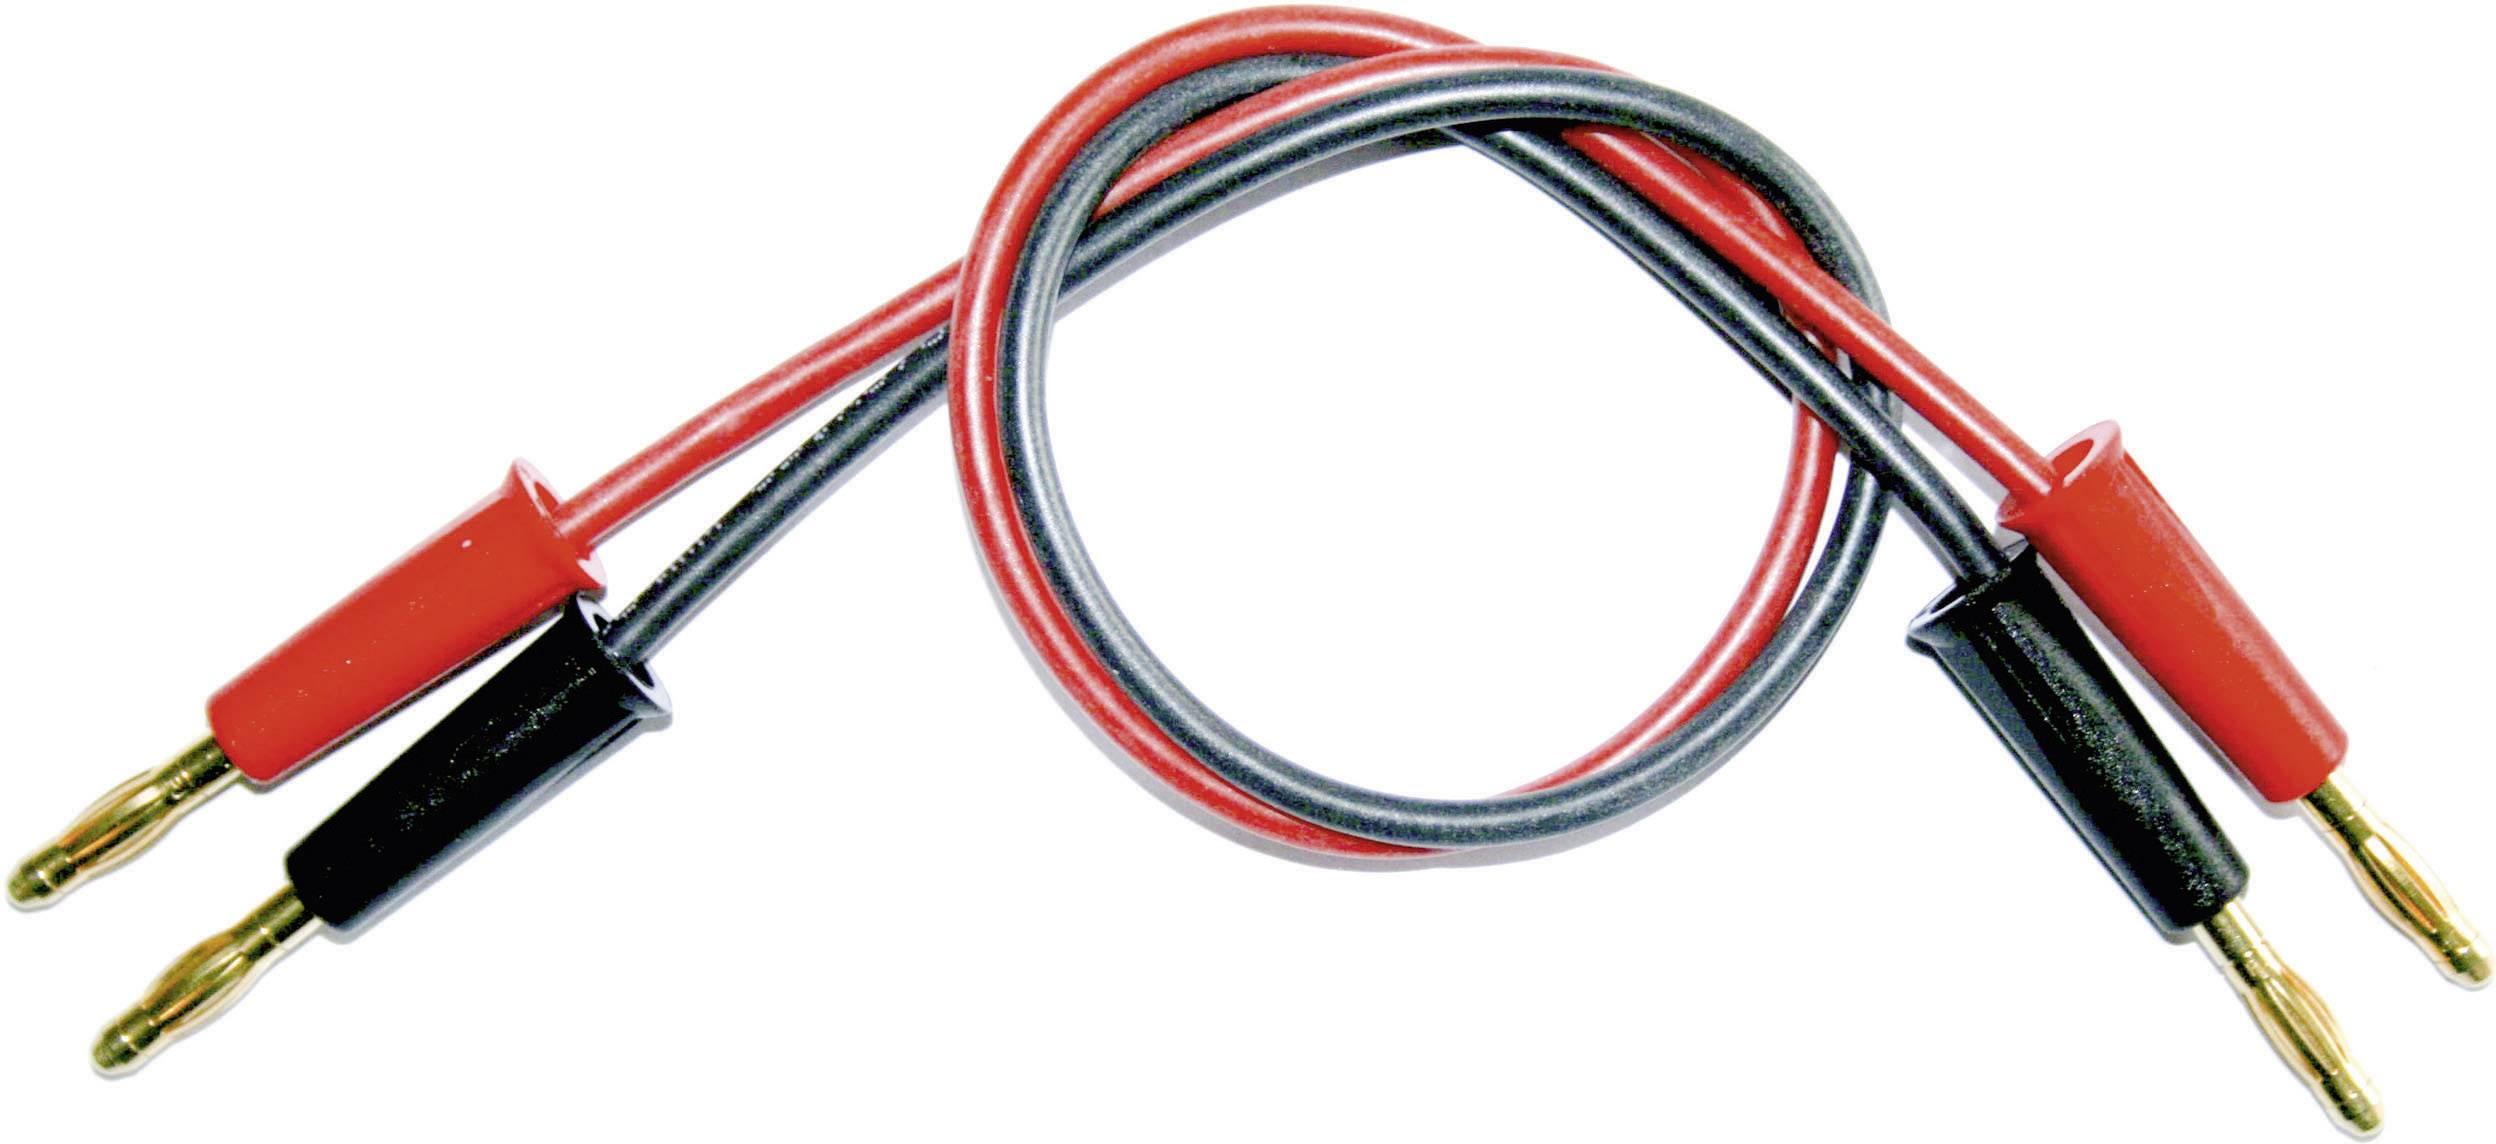 Nabíjací kábel Modelcraft 208375, [2x banánková zástrčka - 2x banánková zástrčka], 250 mm, 2.5 mm²